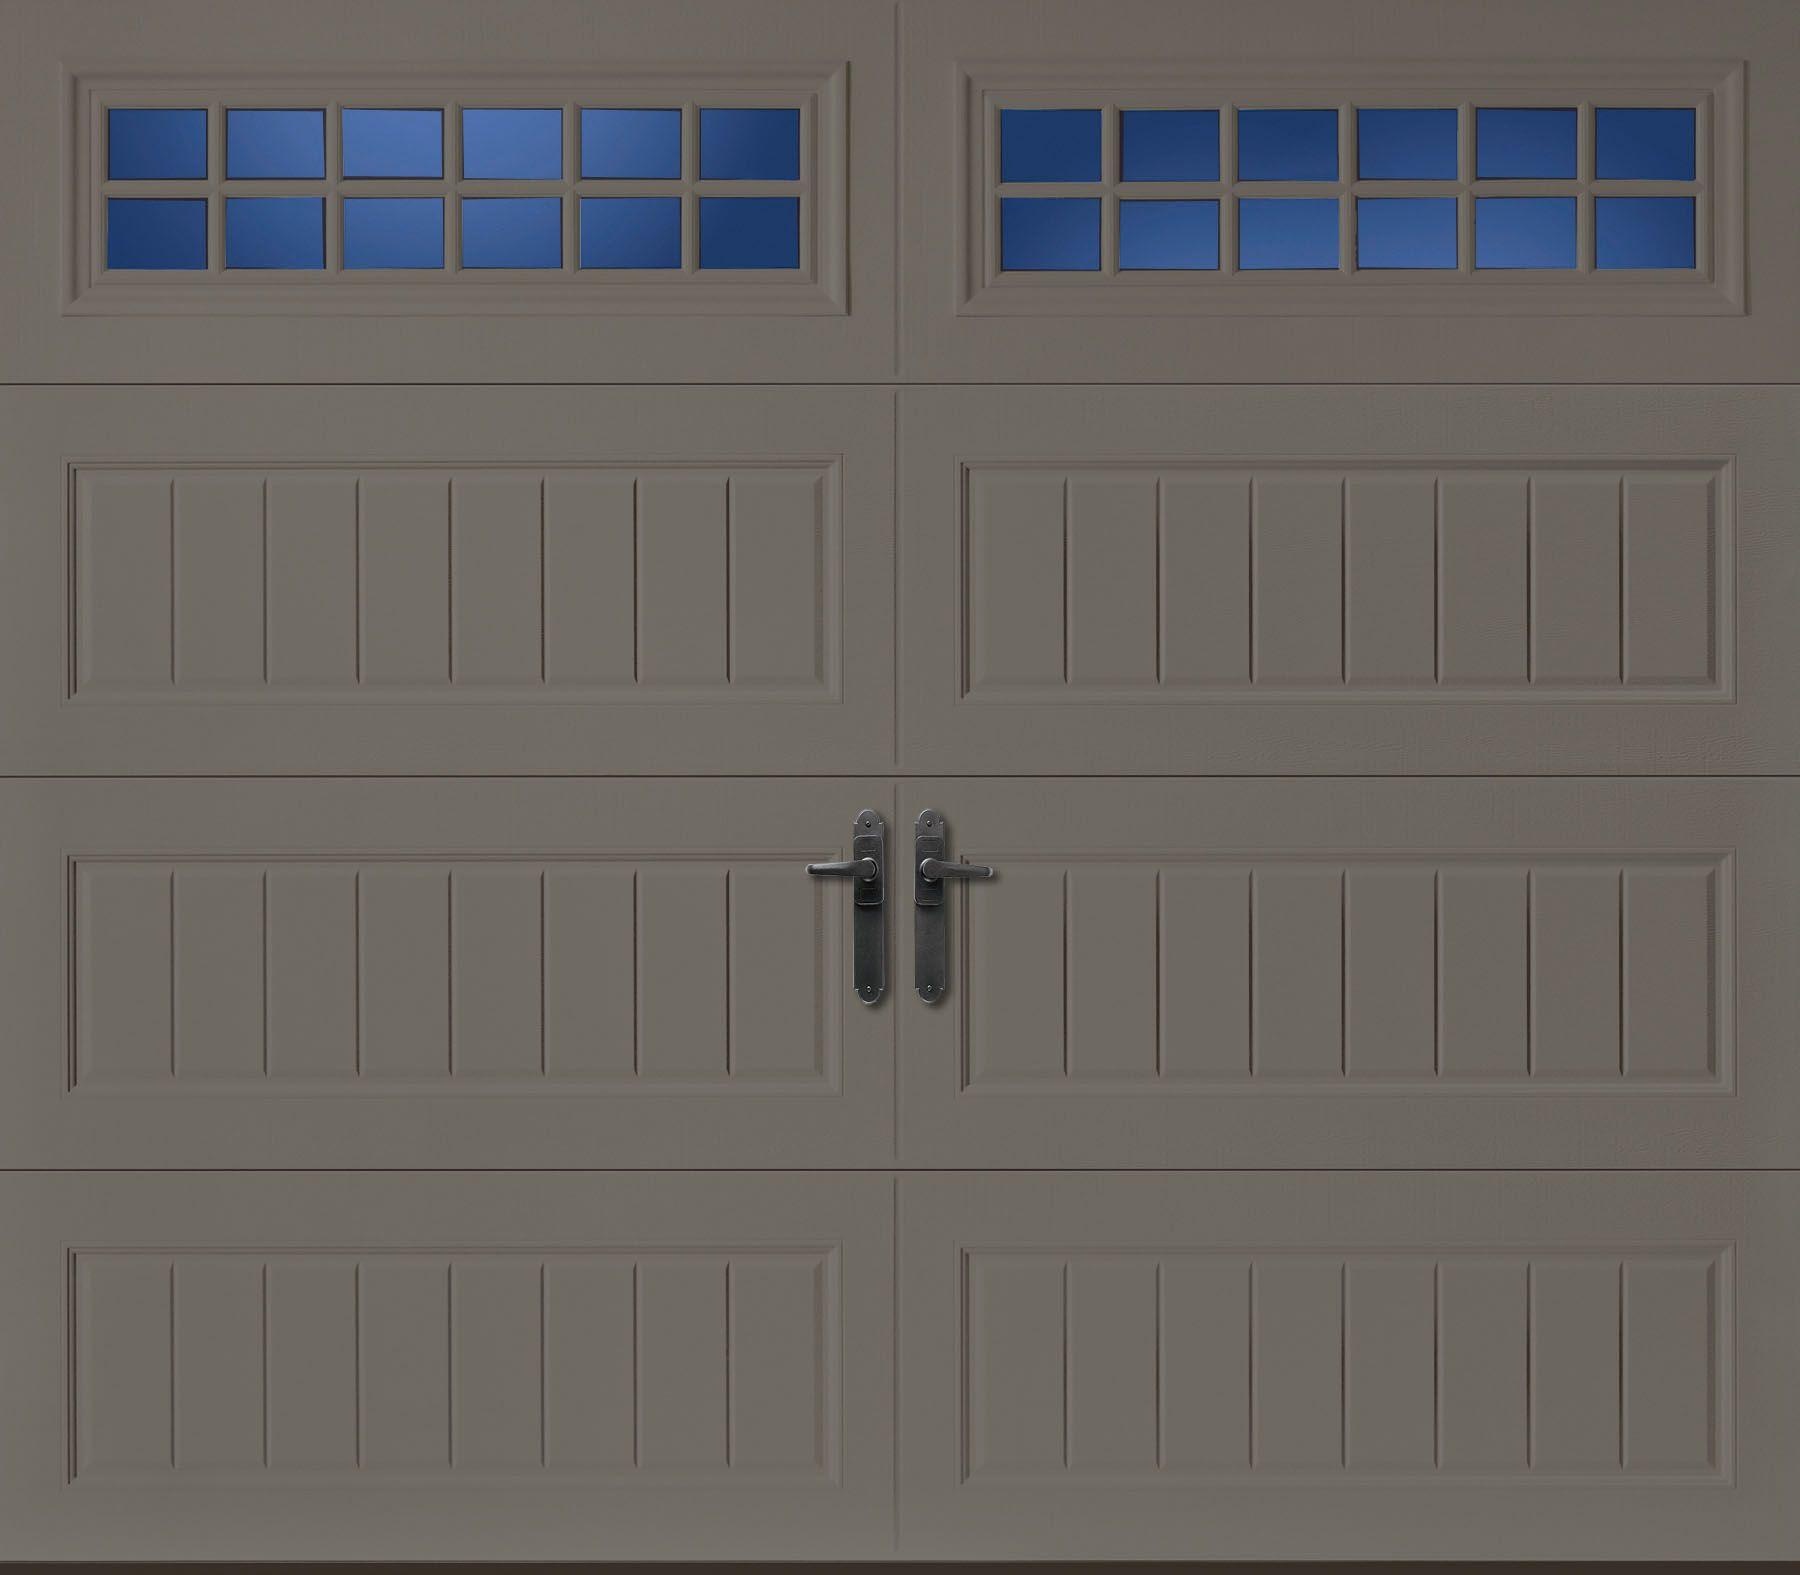 Amarr Oak Summit Garage Doors amarr oak summit long panel bead board with stockton window